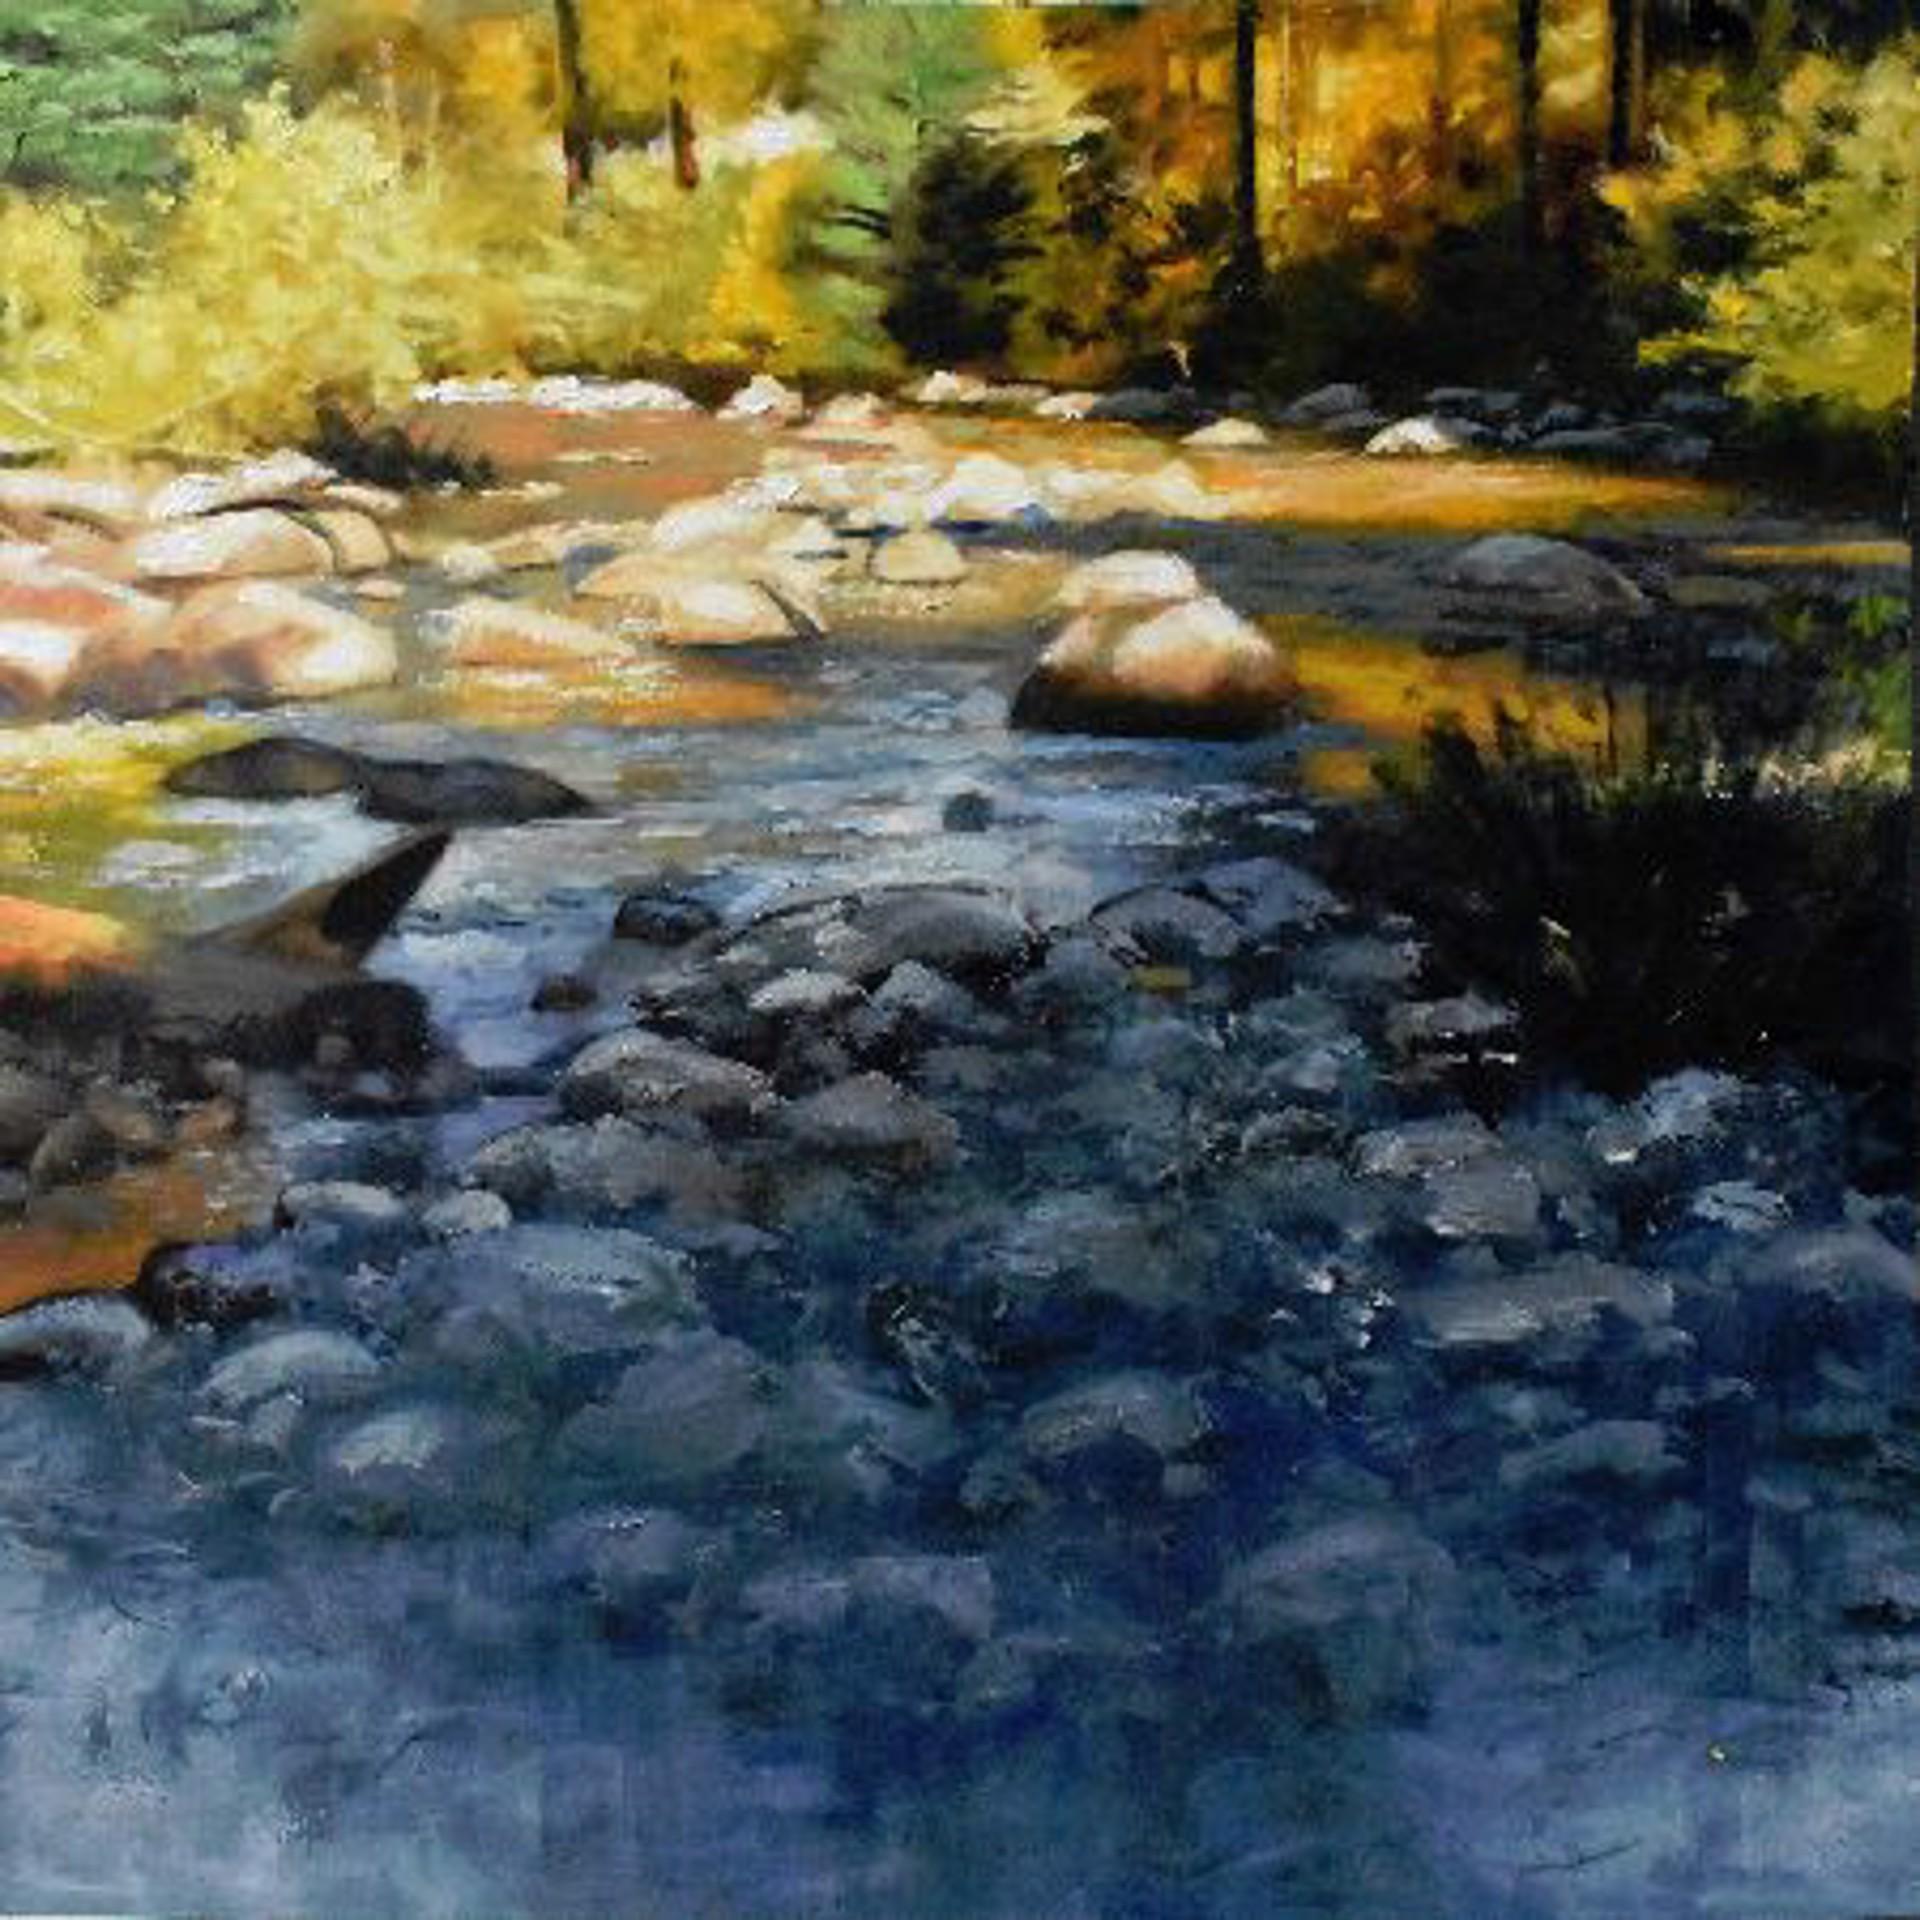 castle creek study #2 by Steven Walker